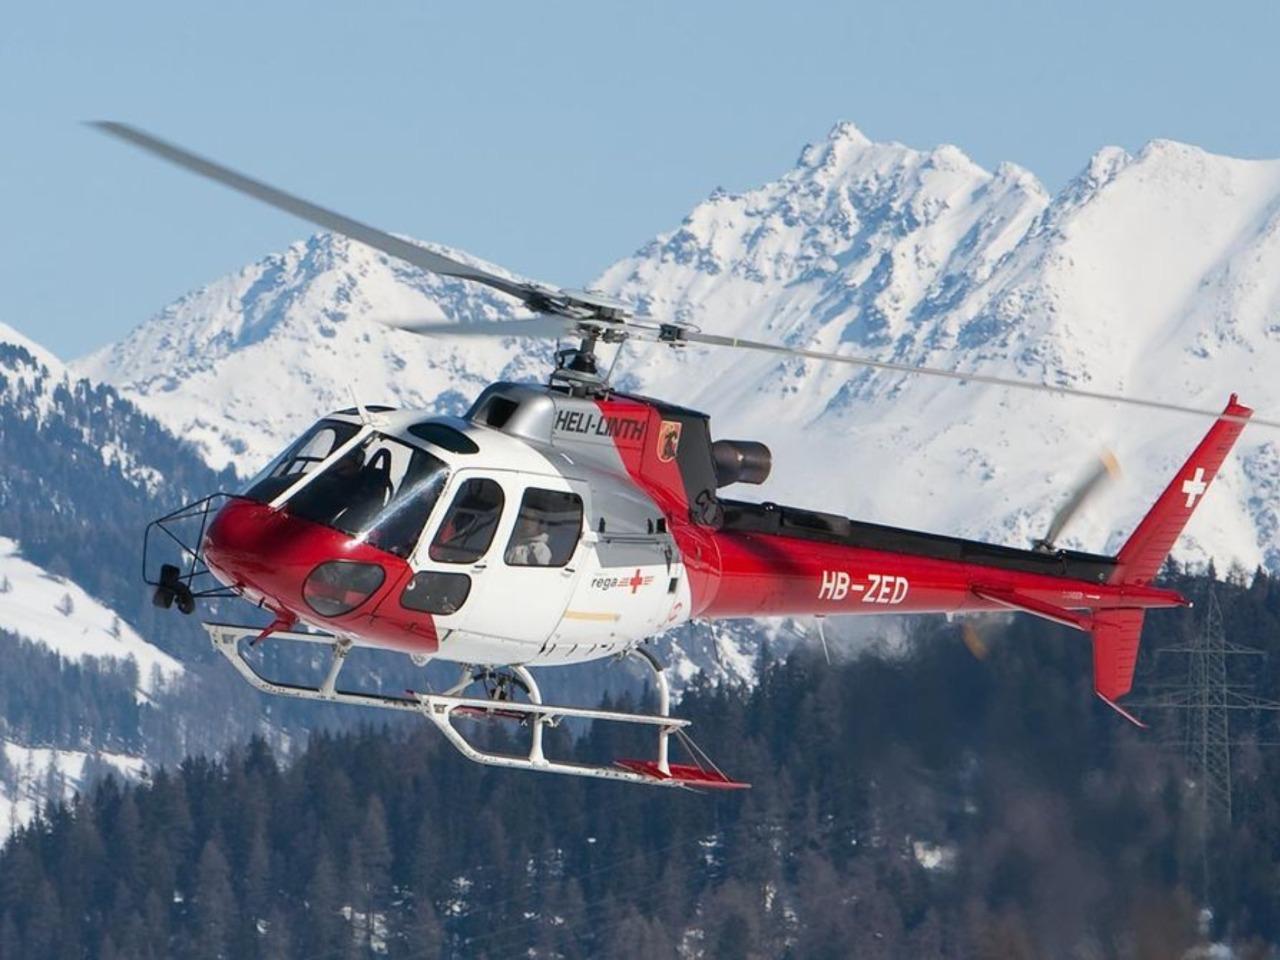 Вертолетный тур на горнолыжный курорт Домбай   - индивидуальная экскурсия в Пятигорске от опытного гида